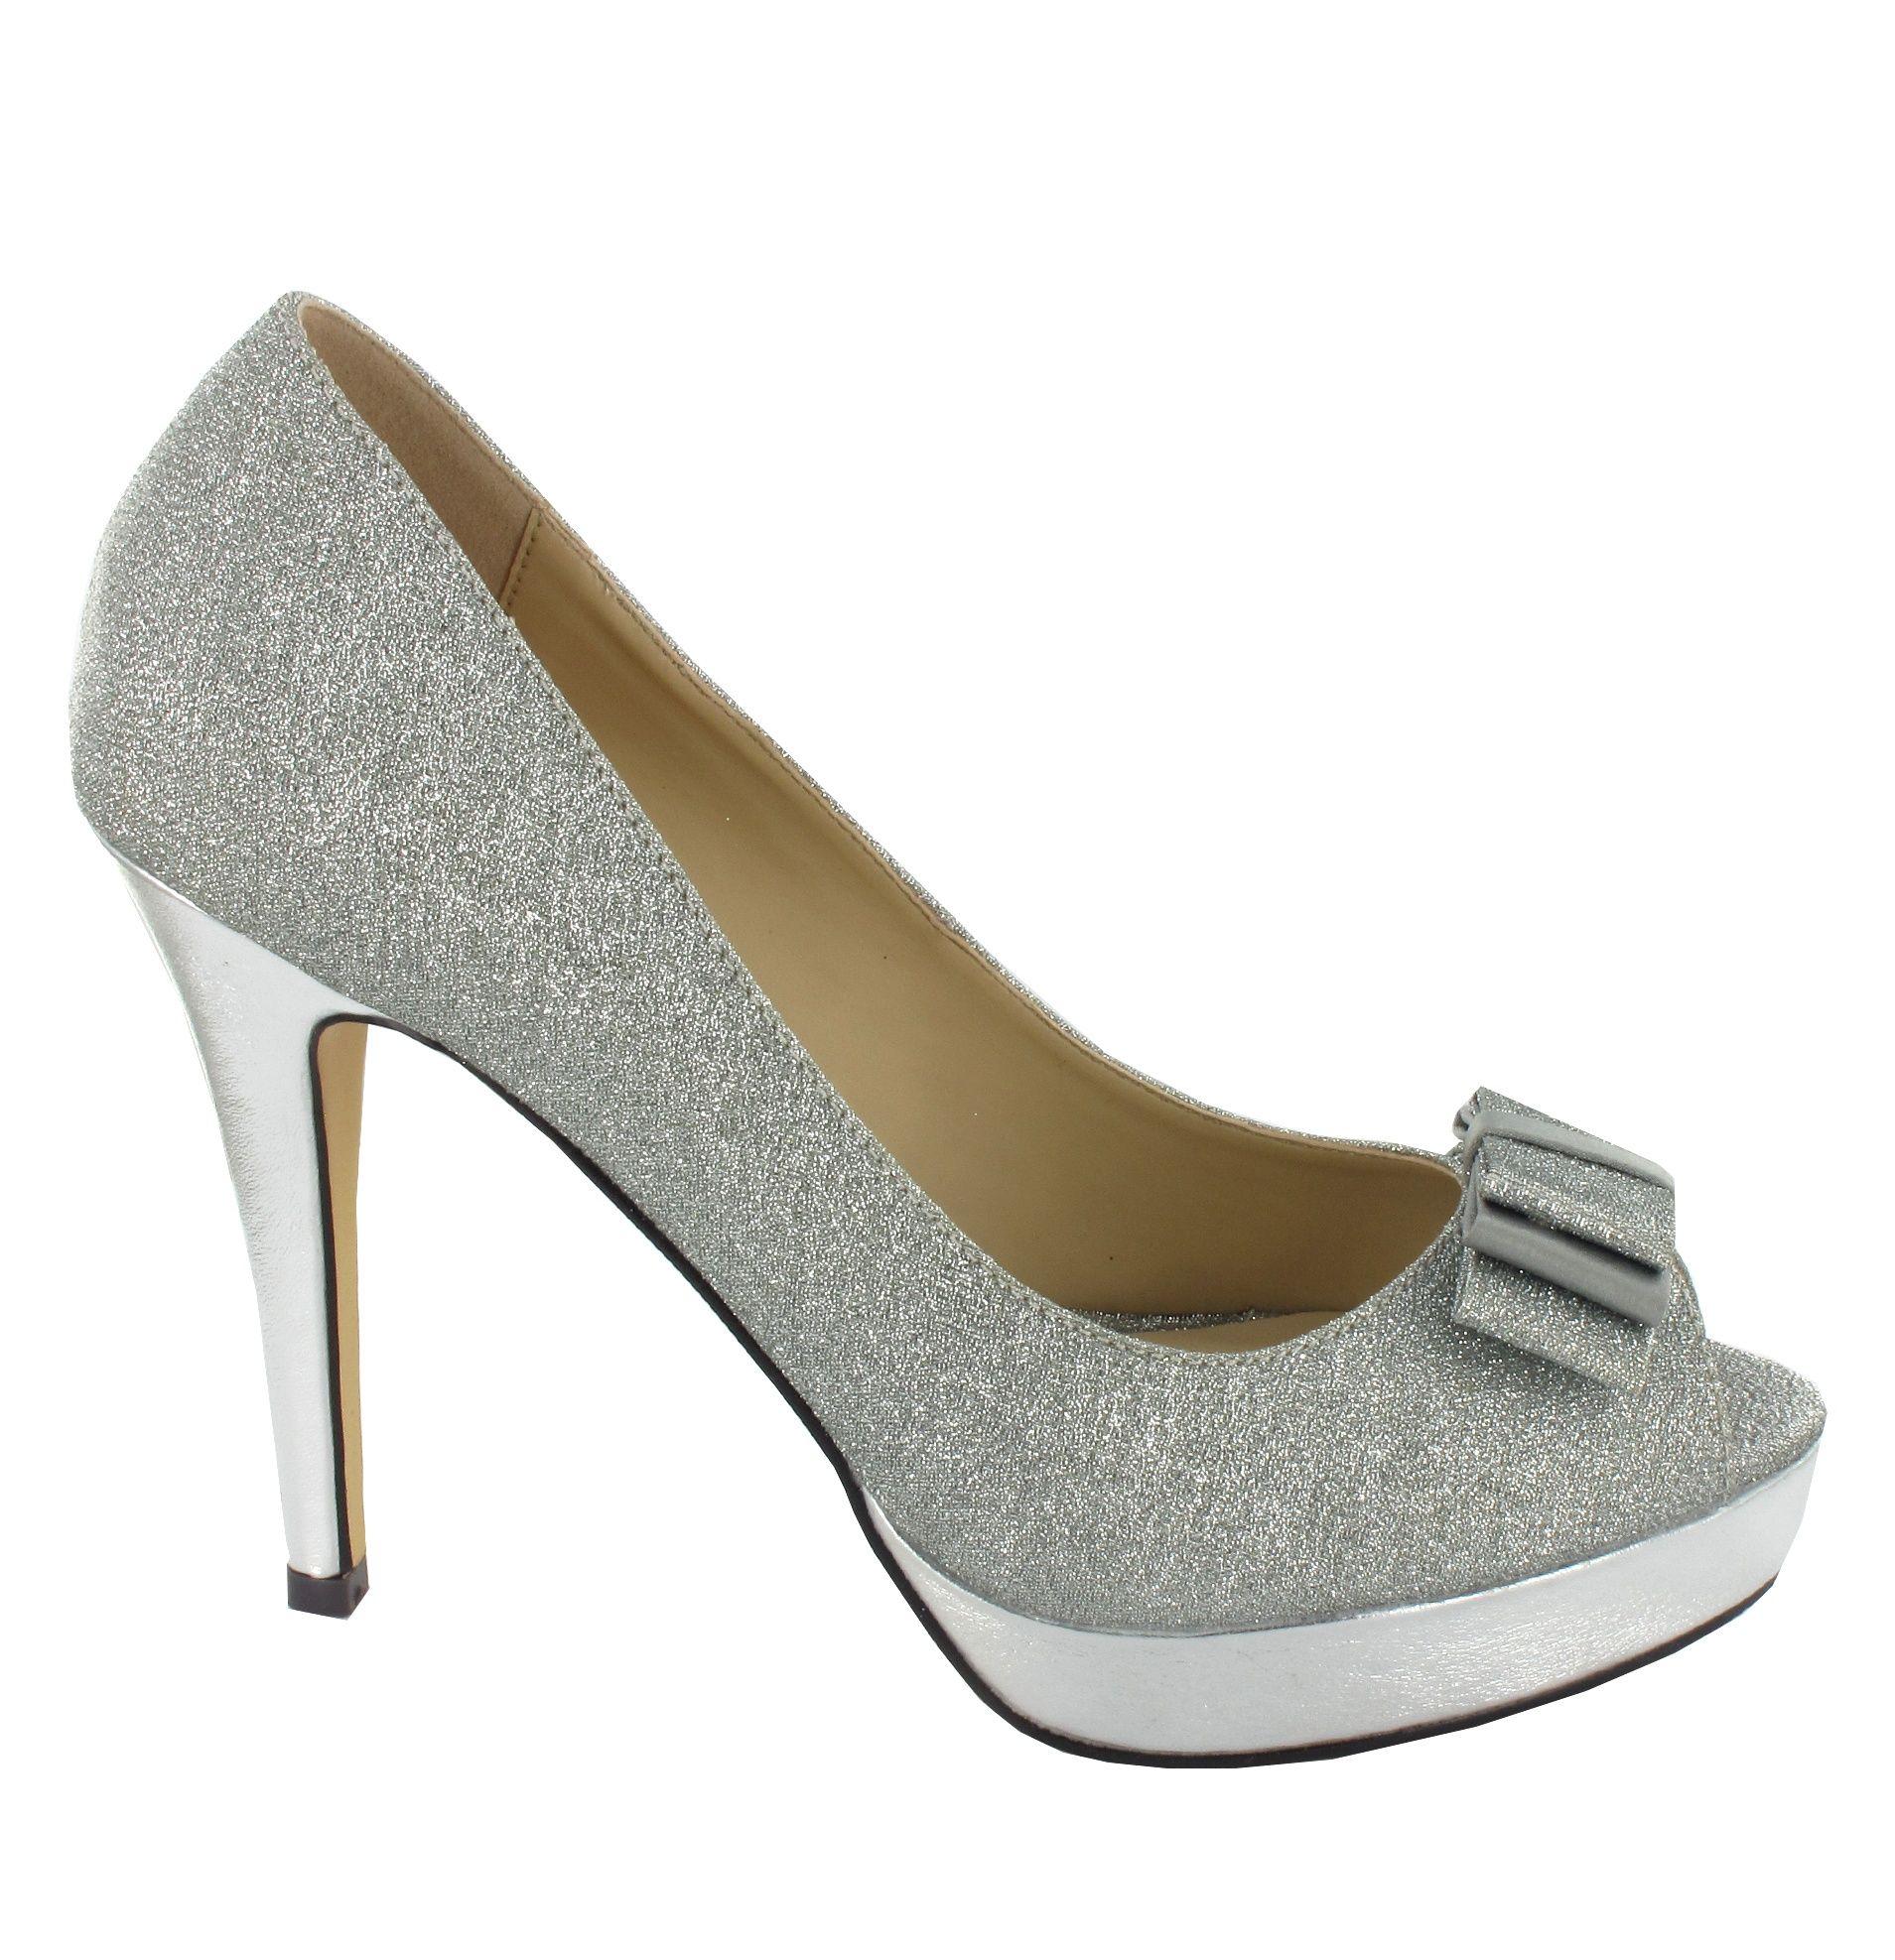 67cb0e37 Zapato de tacón alto y plataforma, con adorno de lazo, en tono Plata ...